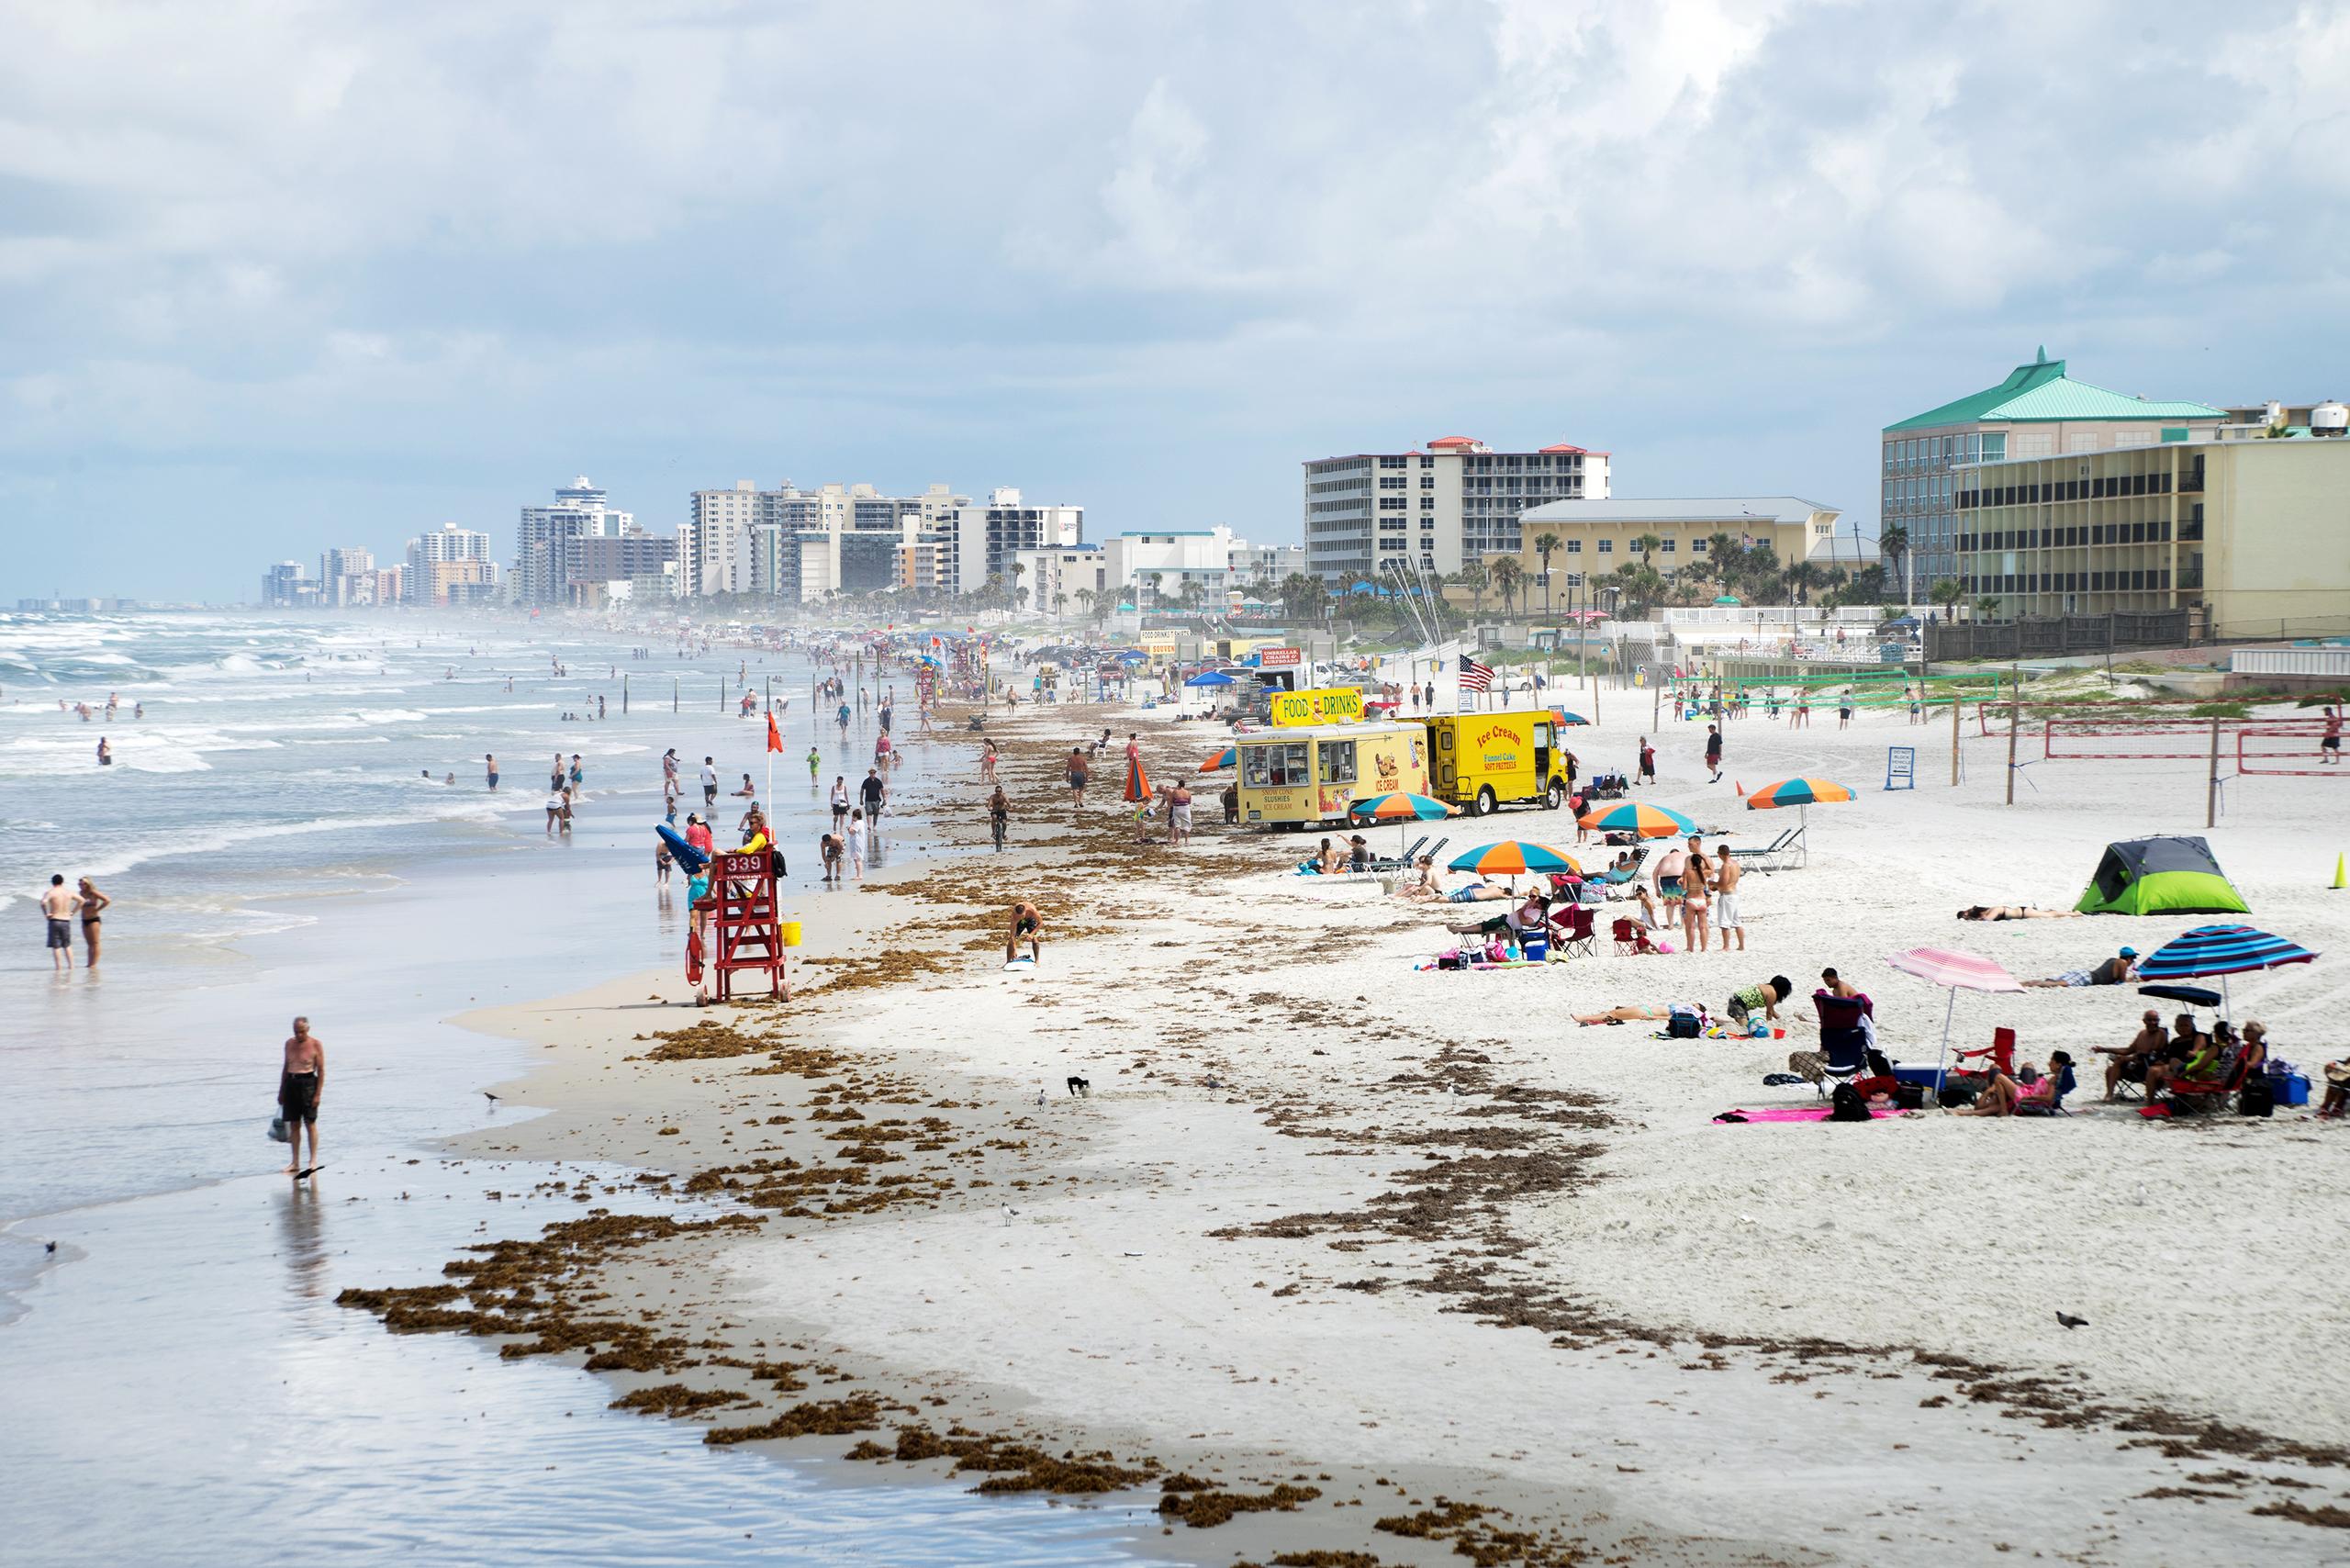 Daytona Beach, Florida | Photo: Matthias Ries